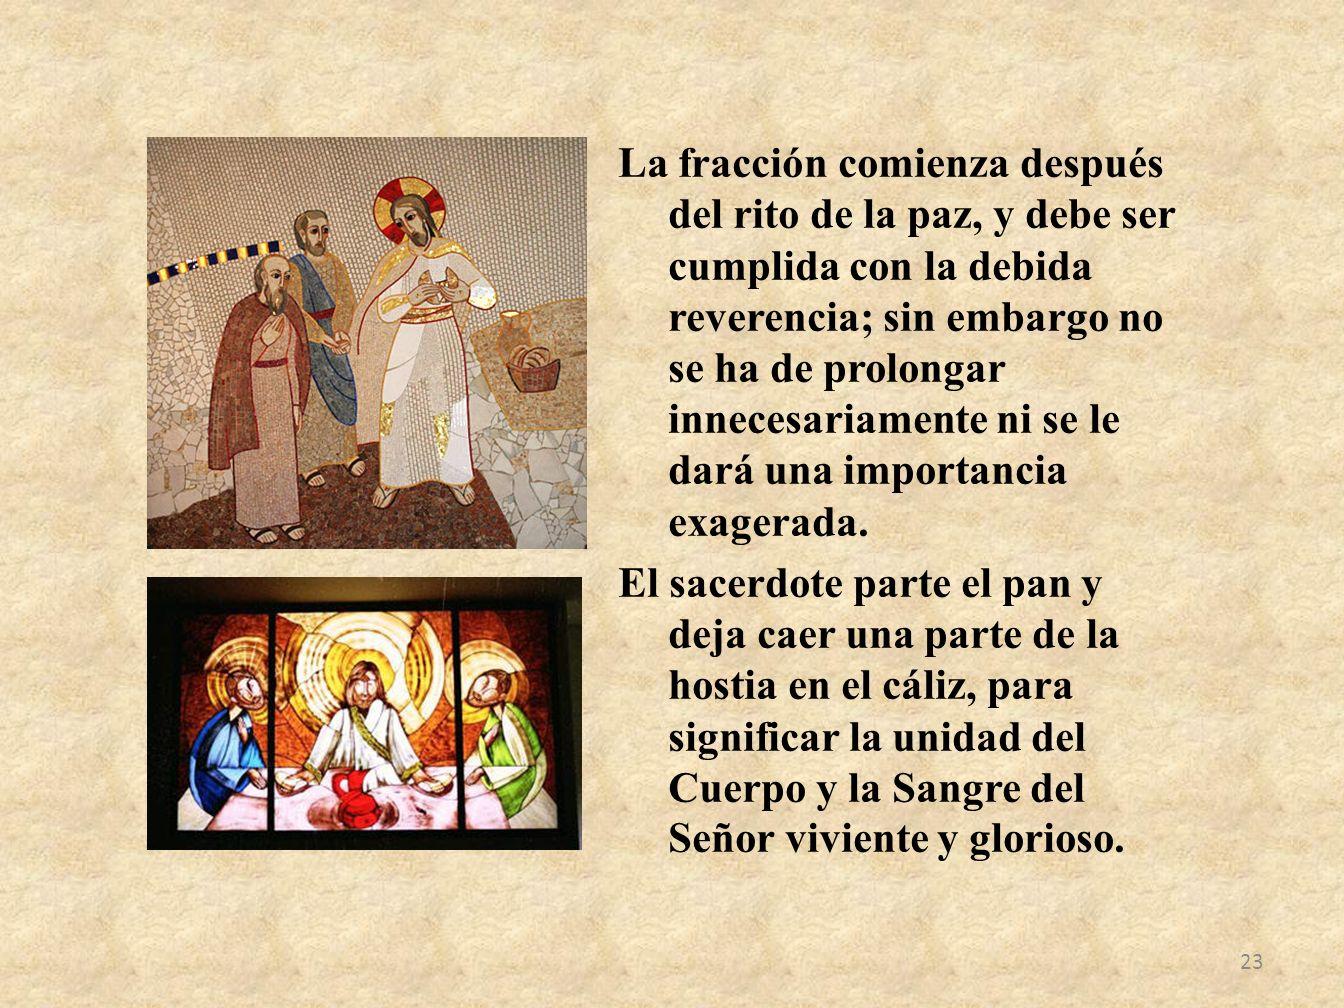 La fracción comienza después del rito de la paz, y debe ser cumplida con la debida reverencia; sin embargo no se ha de prolongar innecesariamente ni s